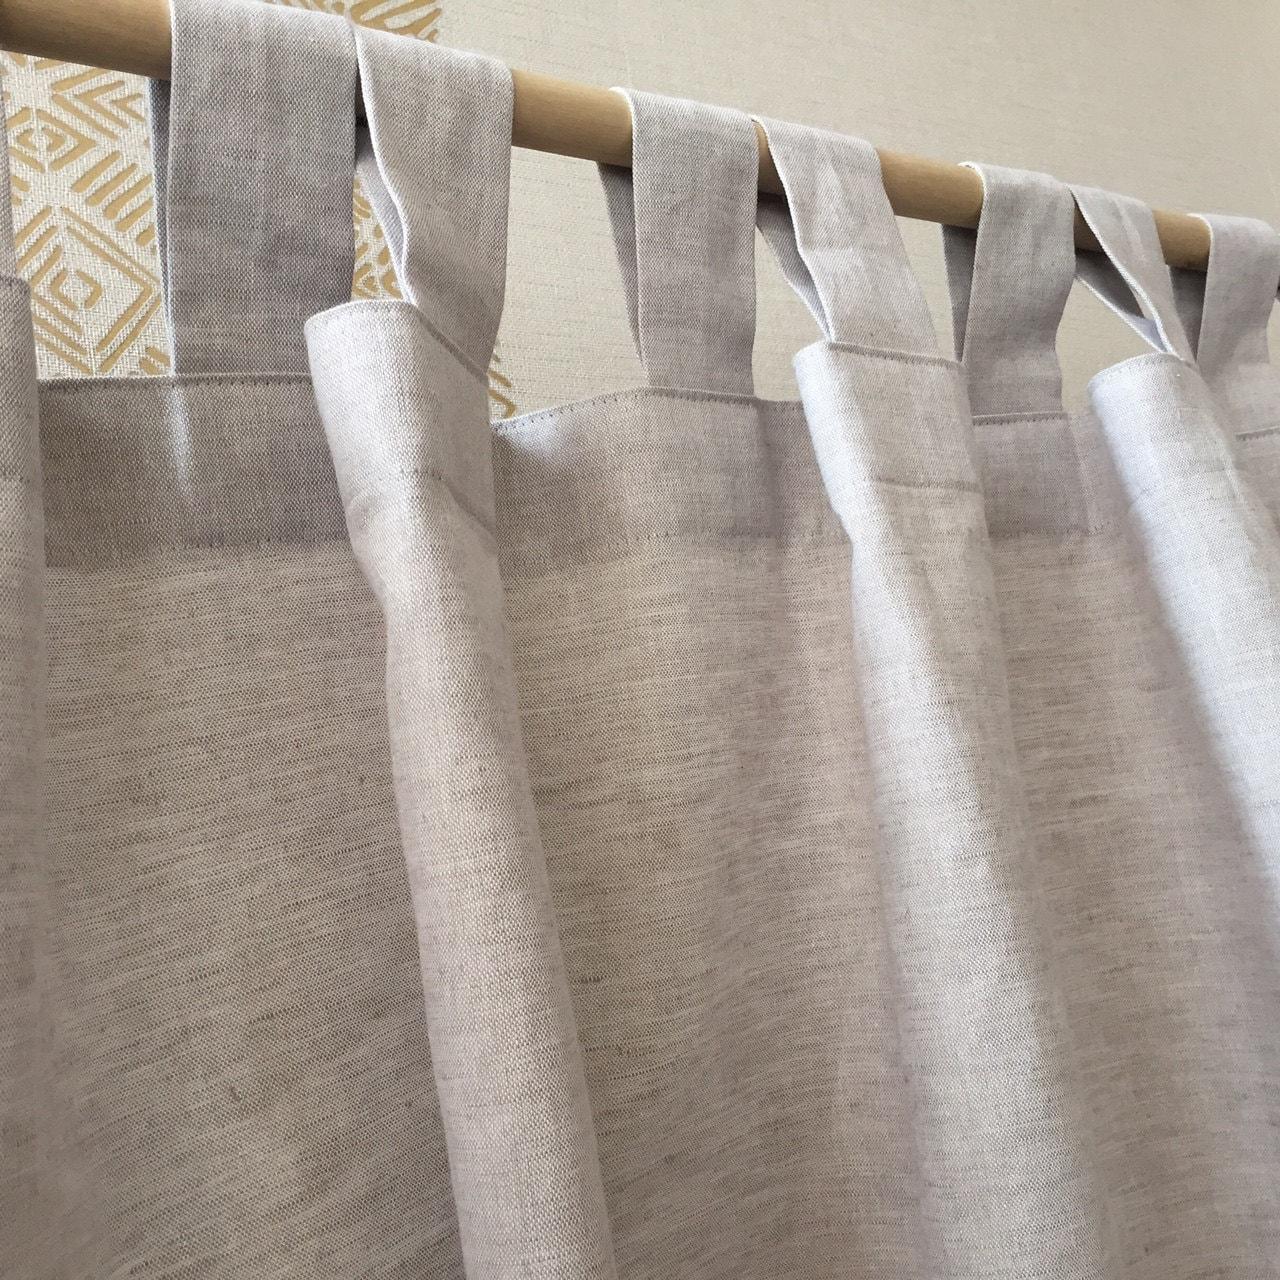 Linen Curtain Panels Linen Drapes Linen Curtain Window